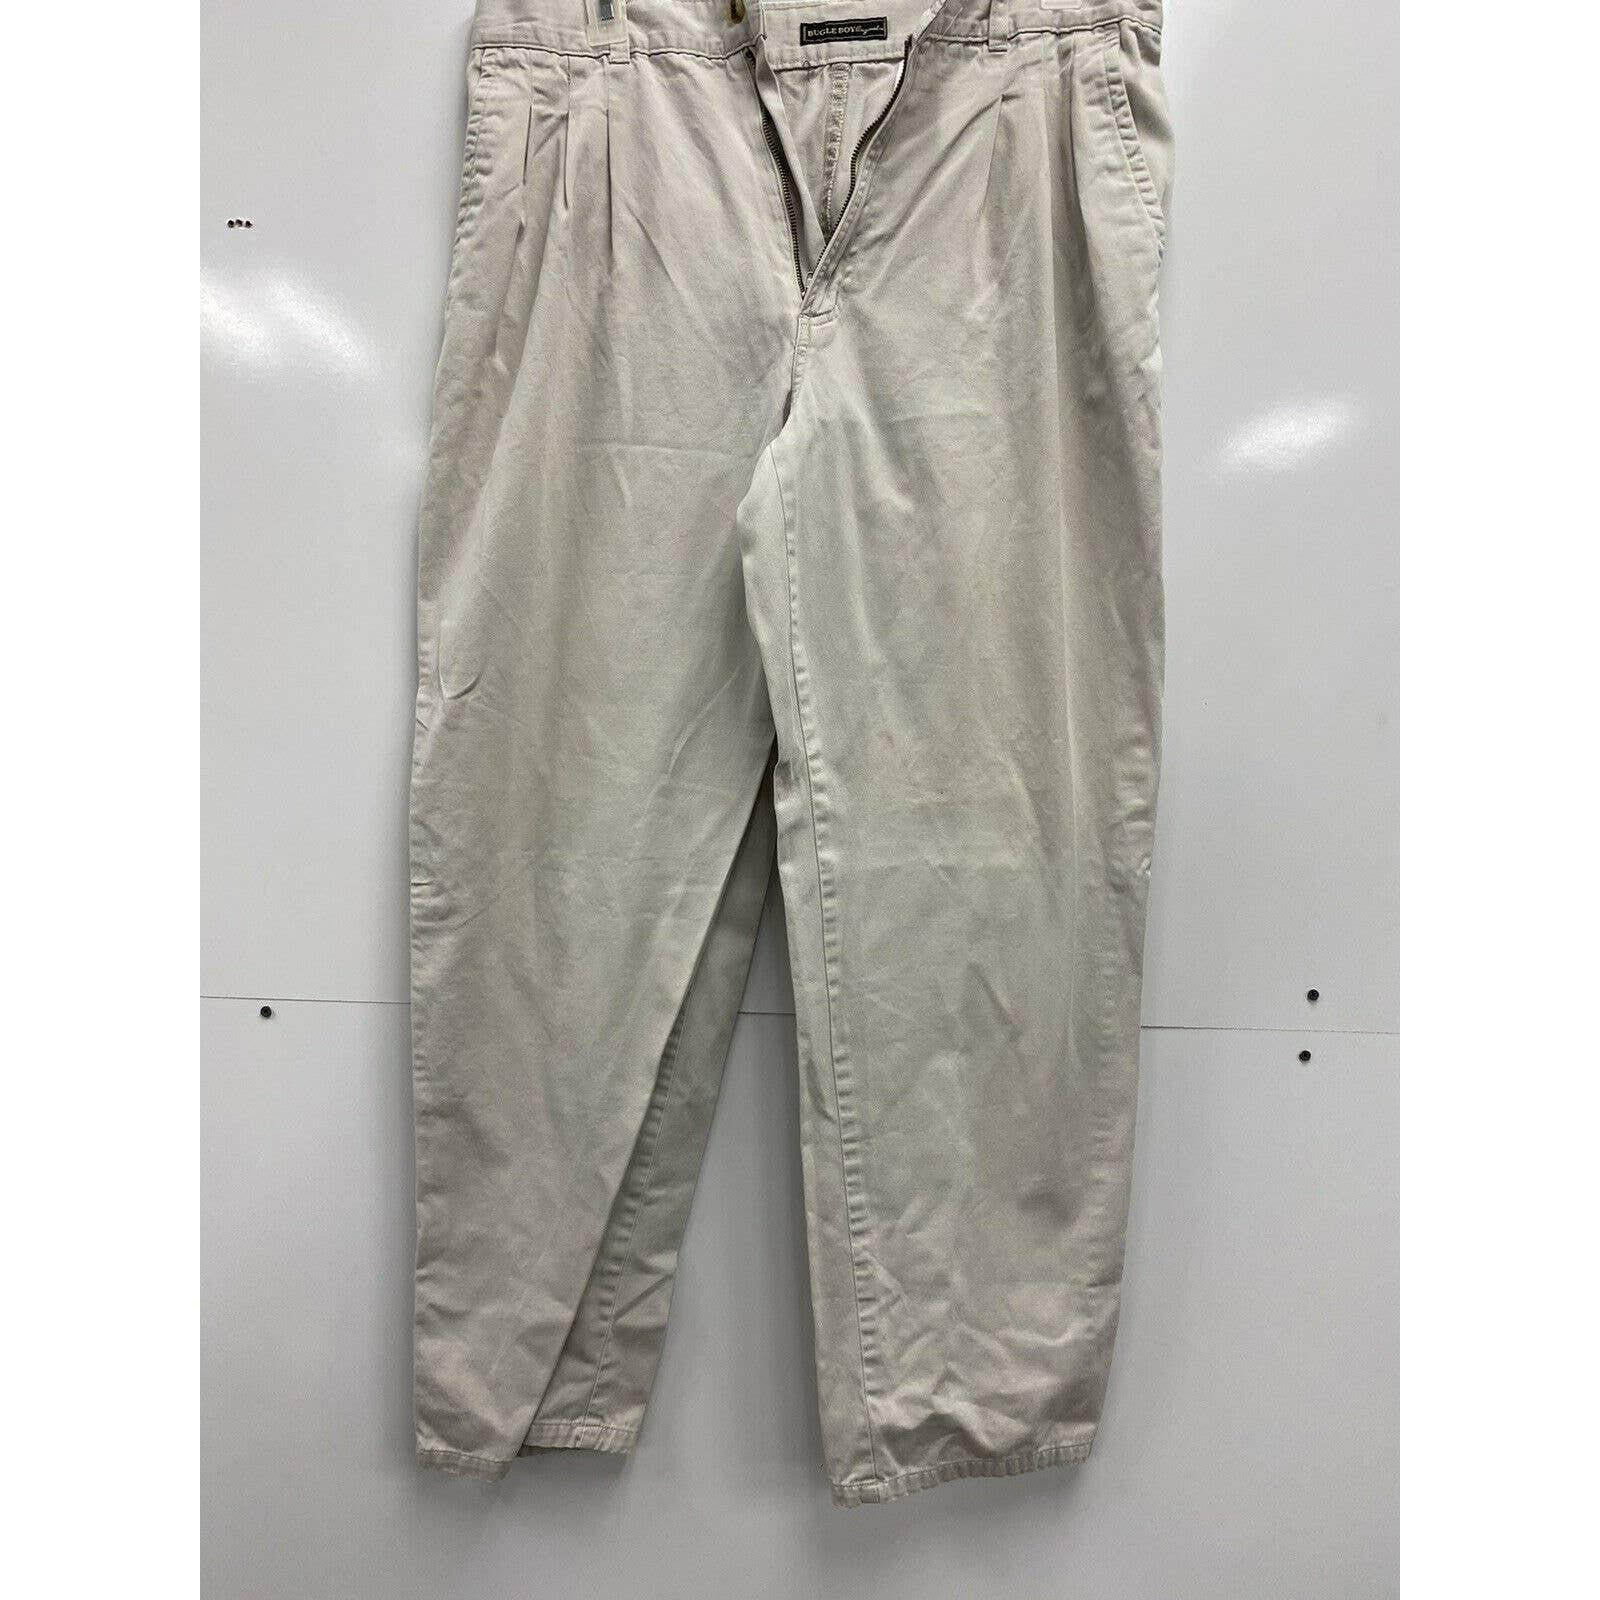 Bugle Boy Khaki Pants 36x32